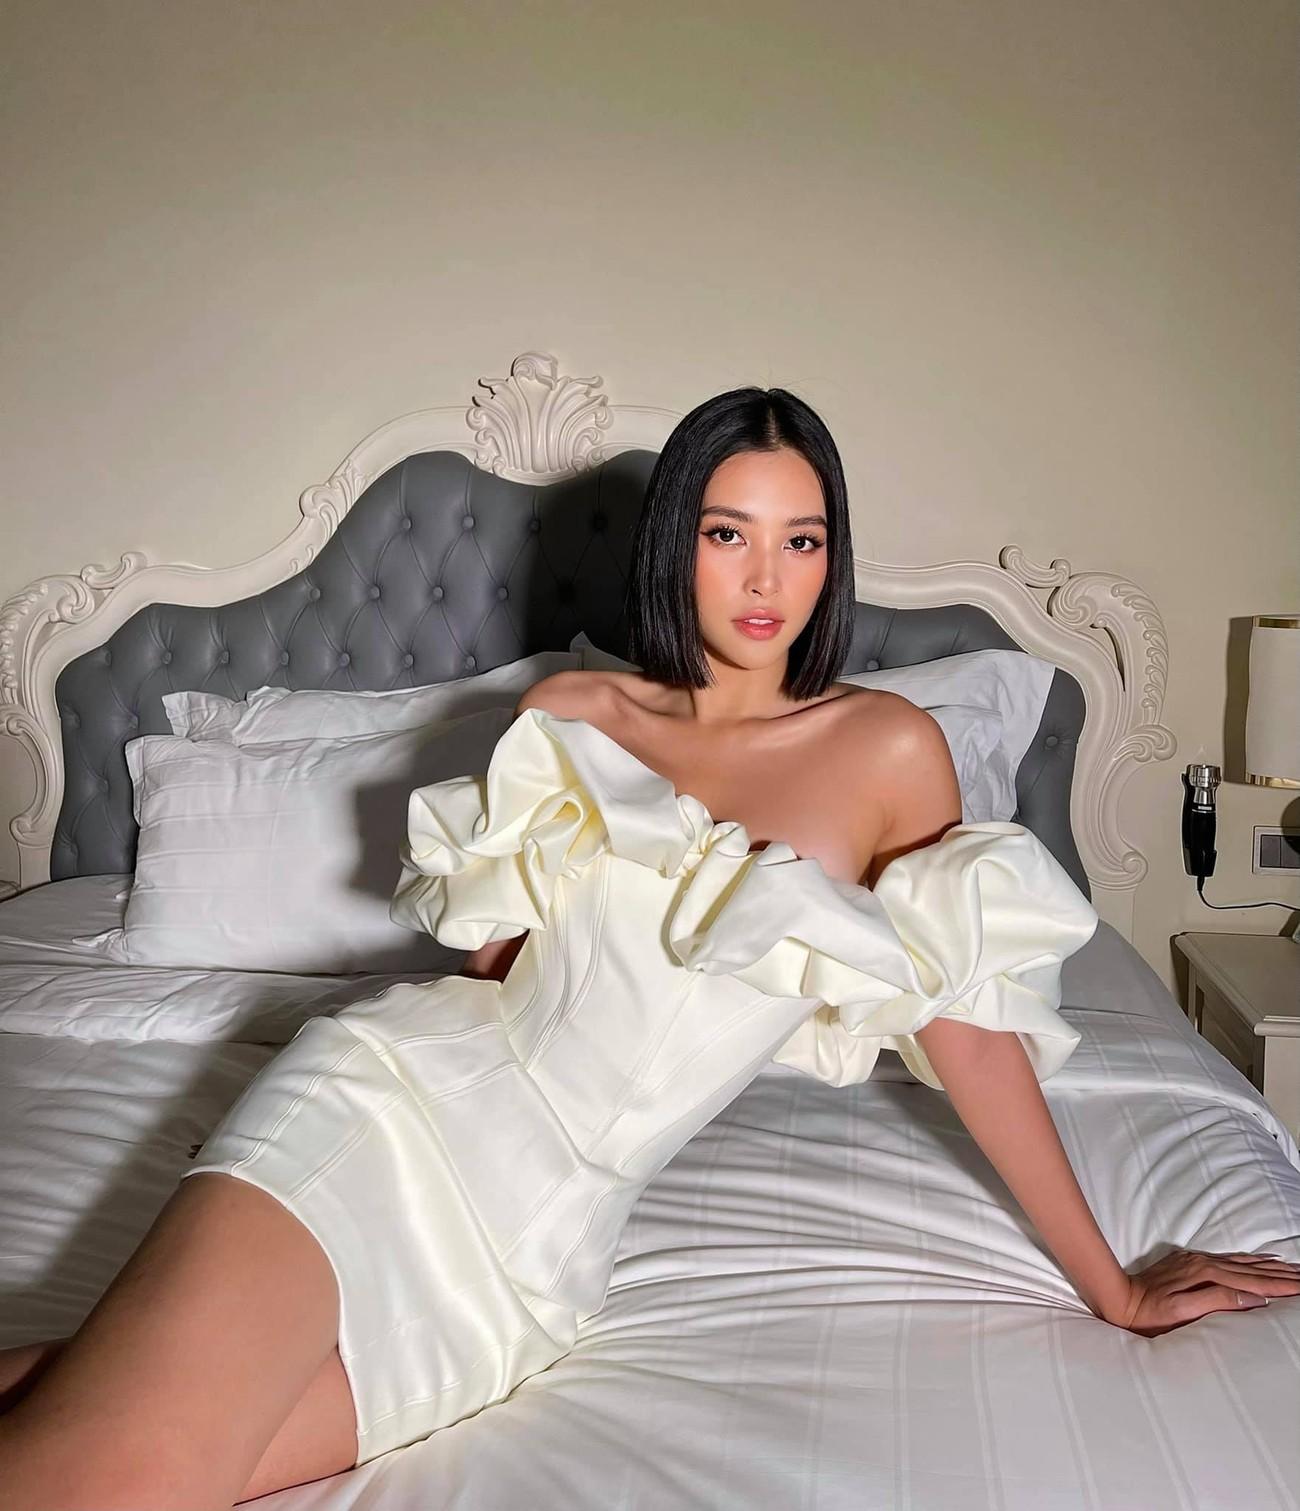 Nhan sắc 'thăng hạng' đầy nóng bỏng của Hoa hậu Tiểu Vy sau khi hết nhiệm kỳ ảnh 5